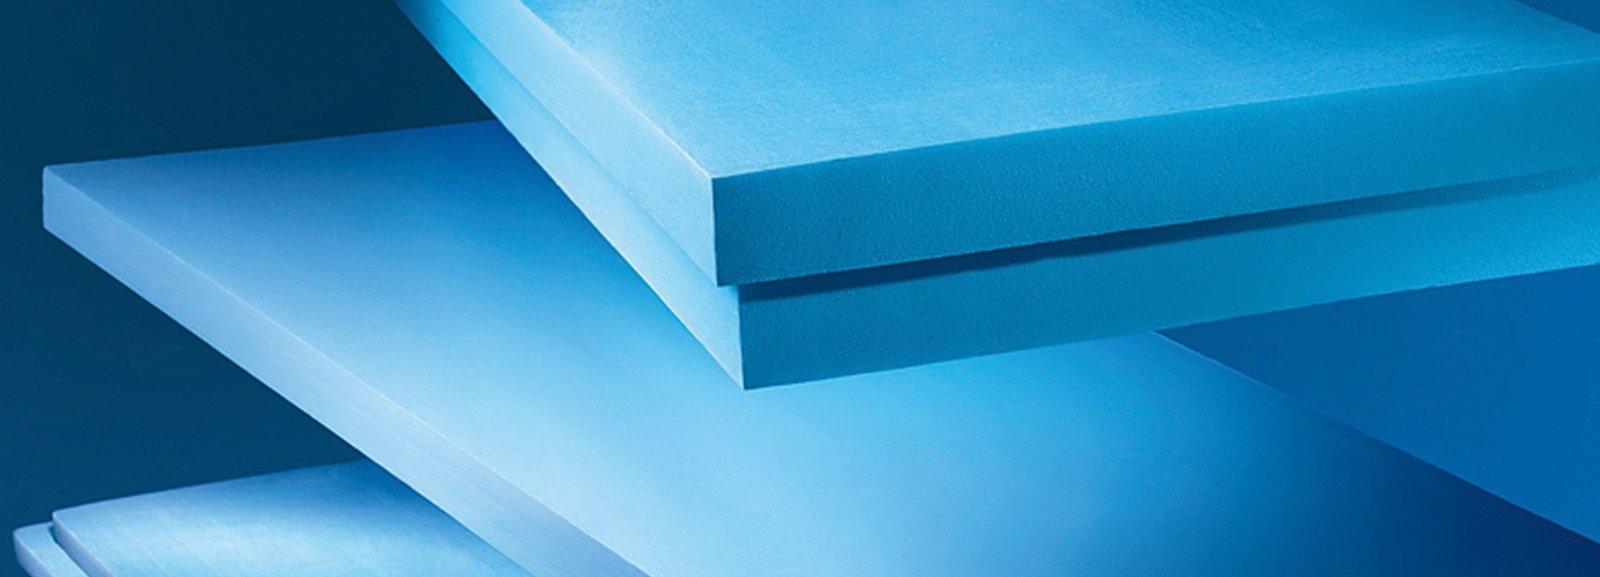 Pannelli isolanti termici per stufe installazione - Pannelli isolanti termici ...